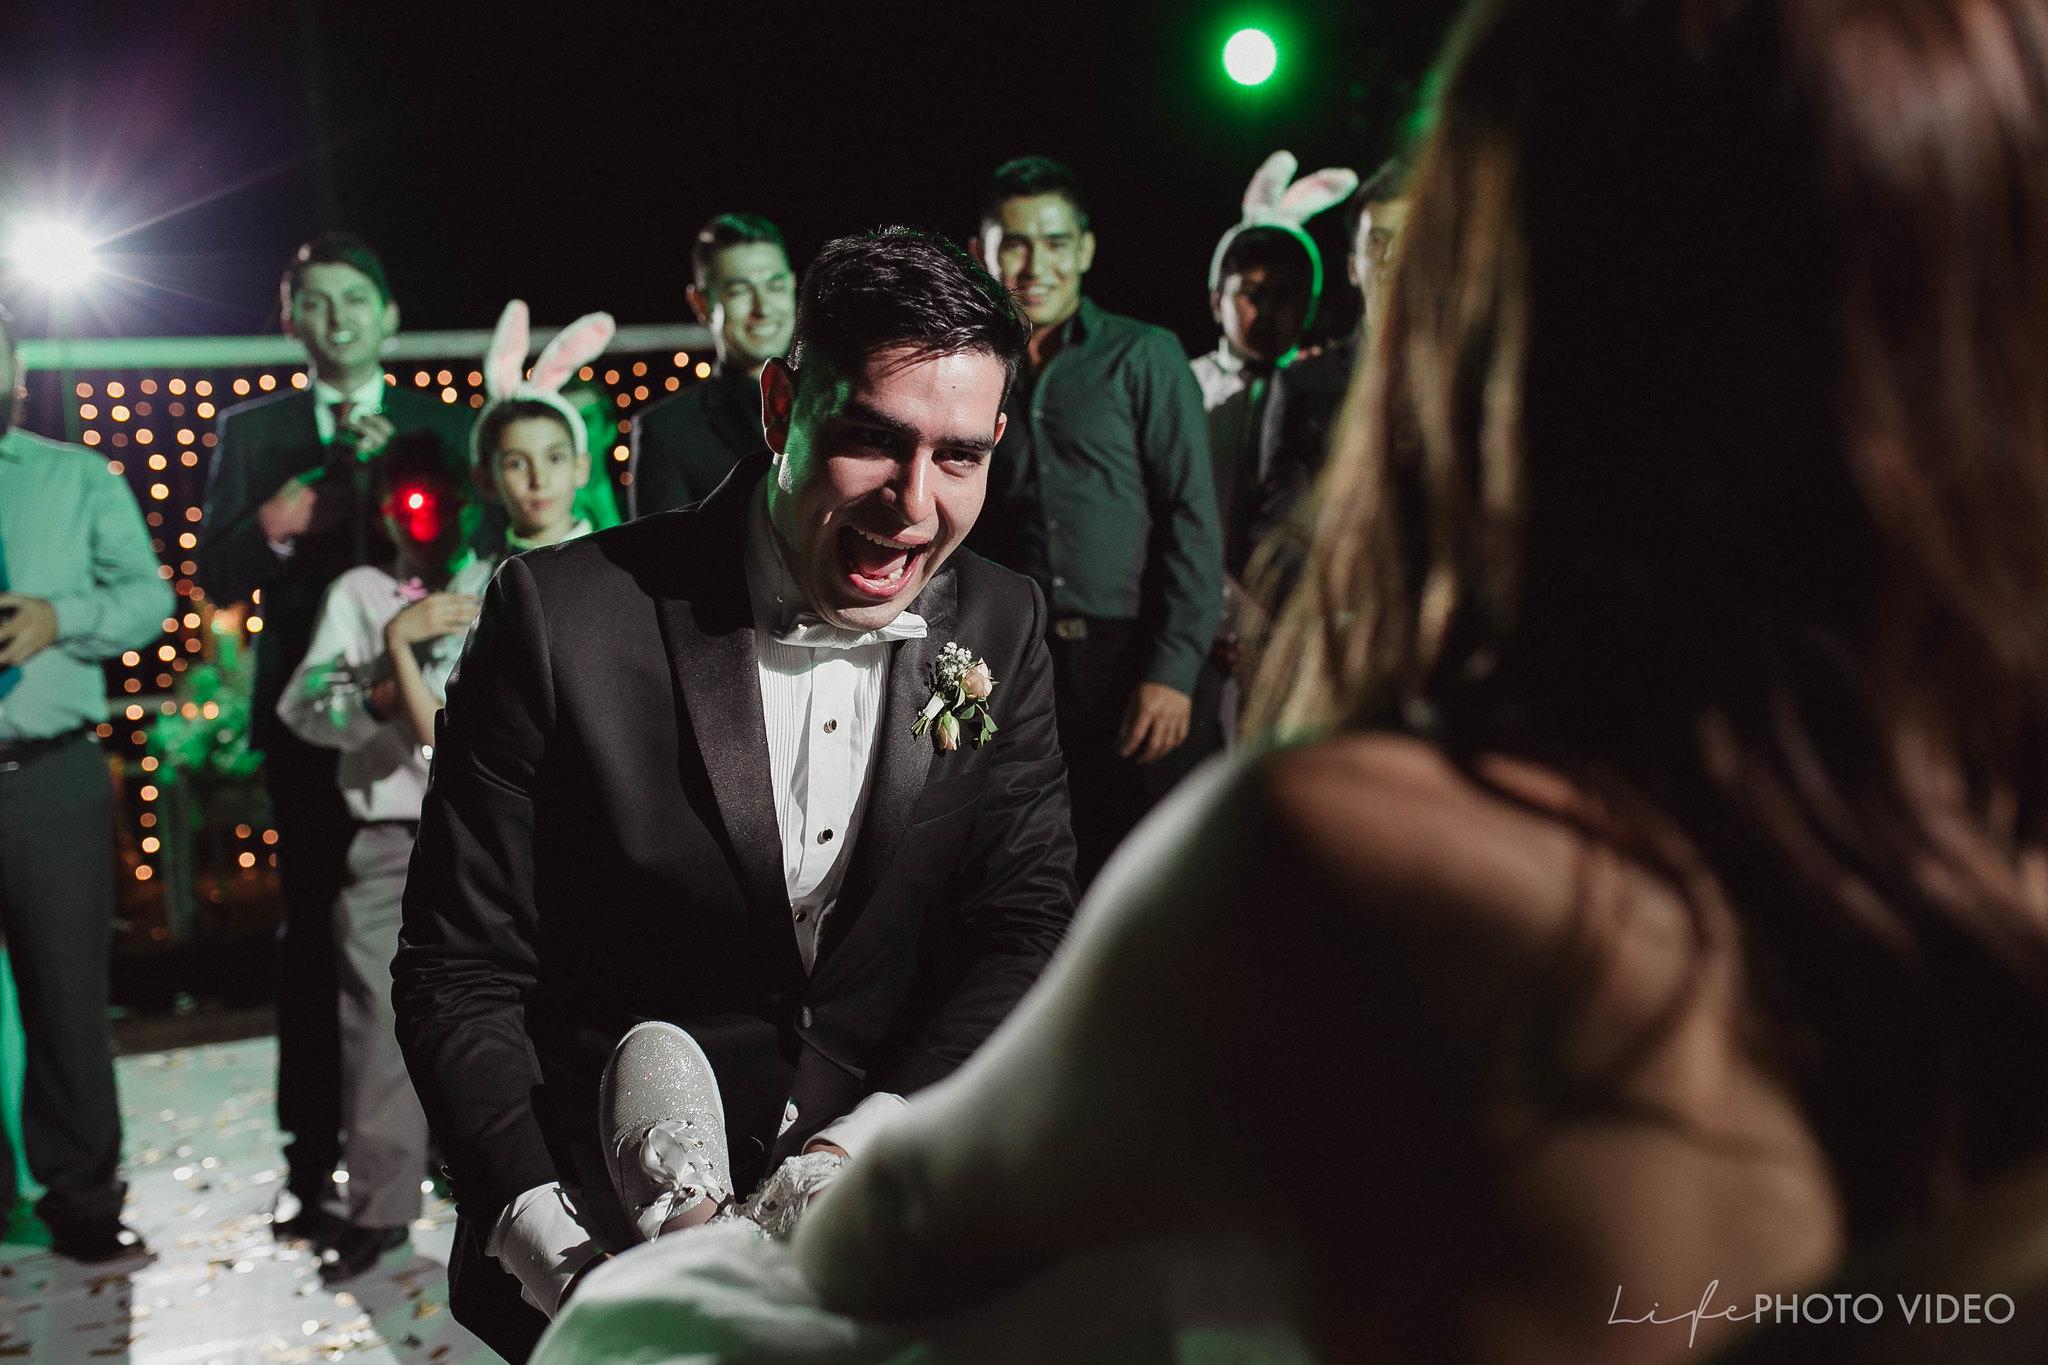 Boda_LeonGto_Wedding_LifePhotoVideo_0011.jpg